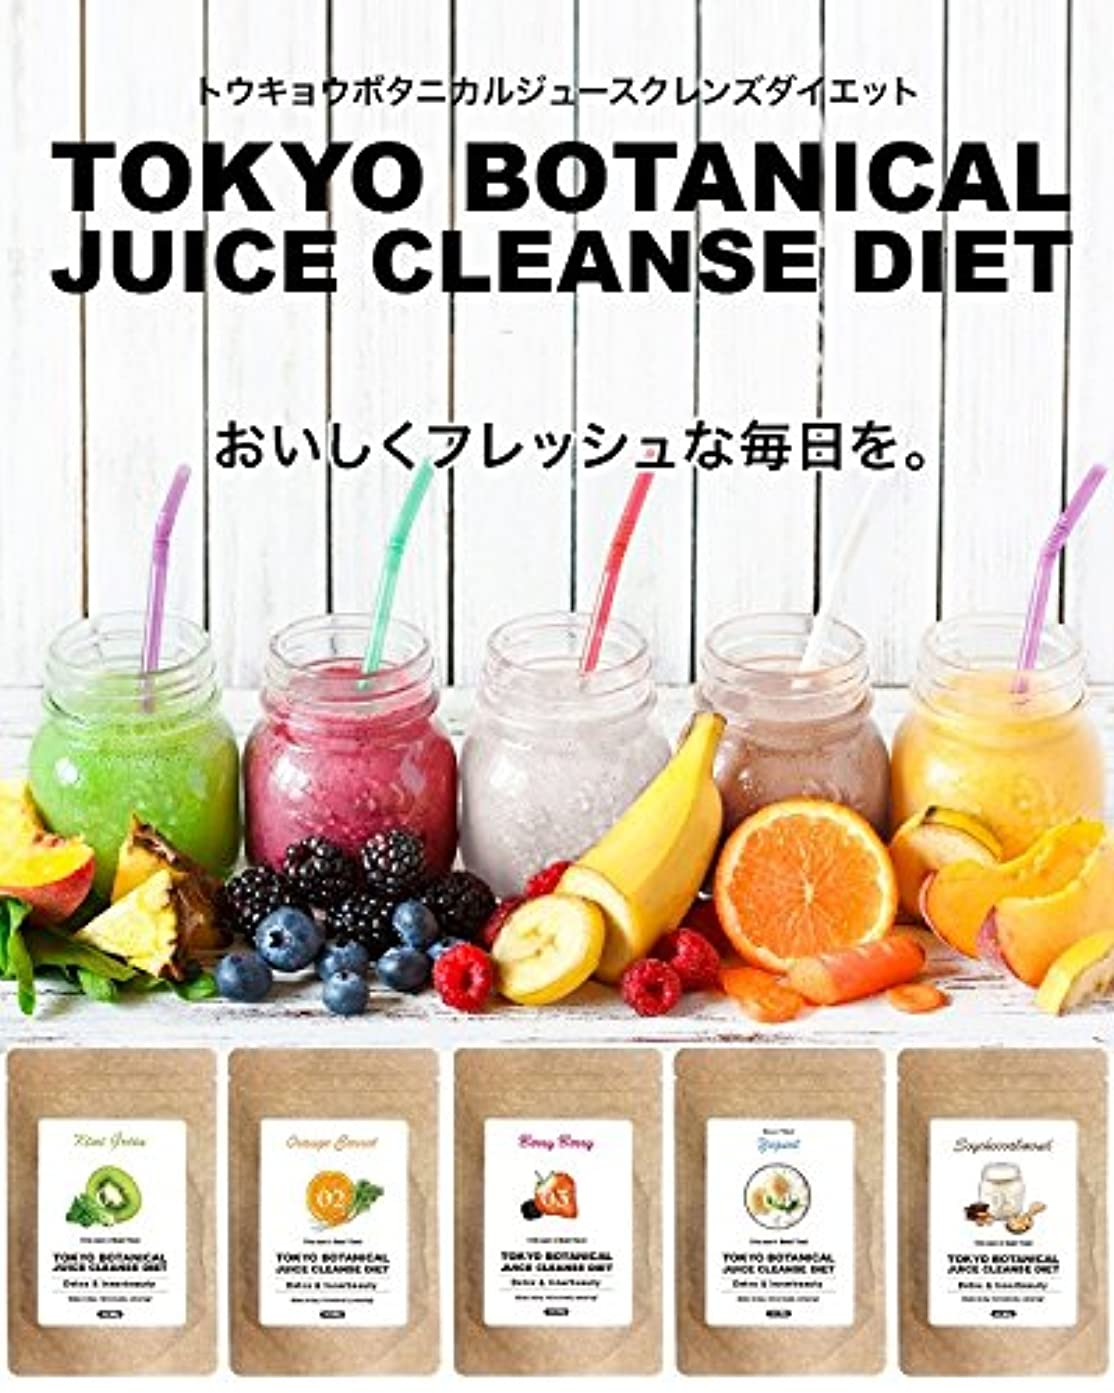 慣れるである朝の体操をするダイエット 東京ボタニカルジュースクレンズダイエット キイウィグリーン&ベリーベリーセット